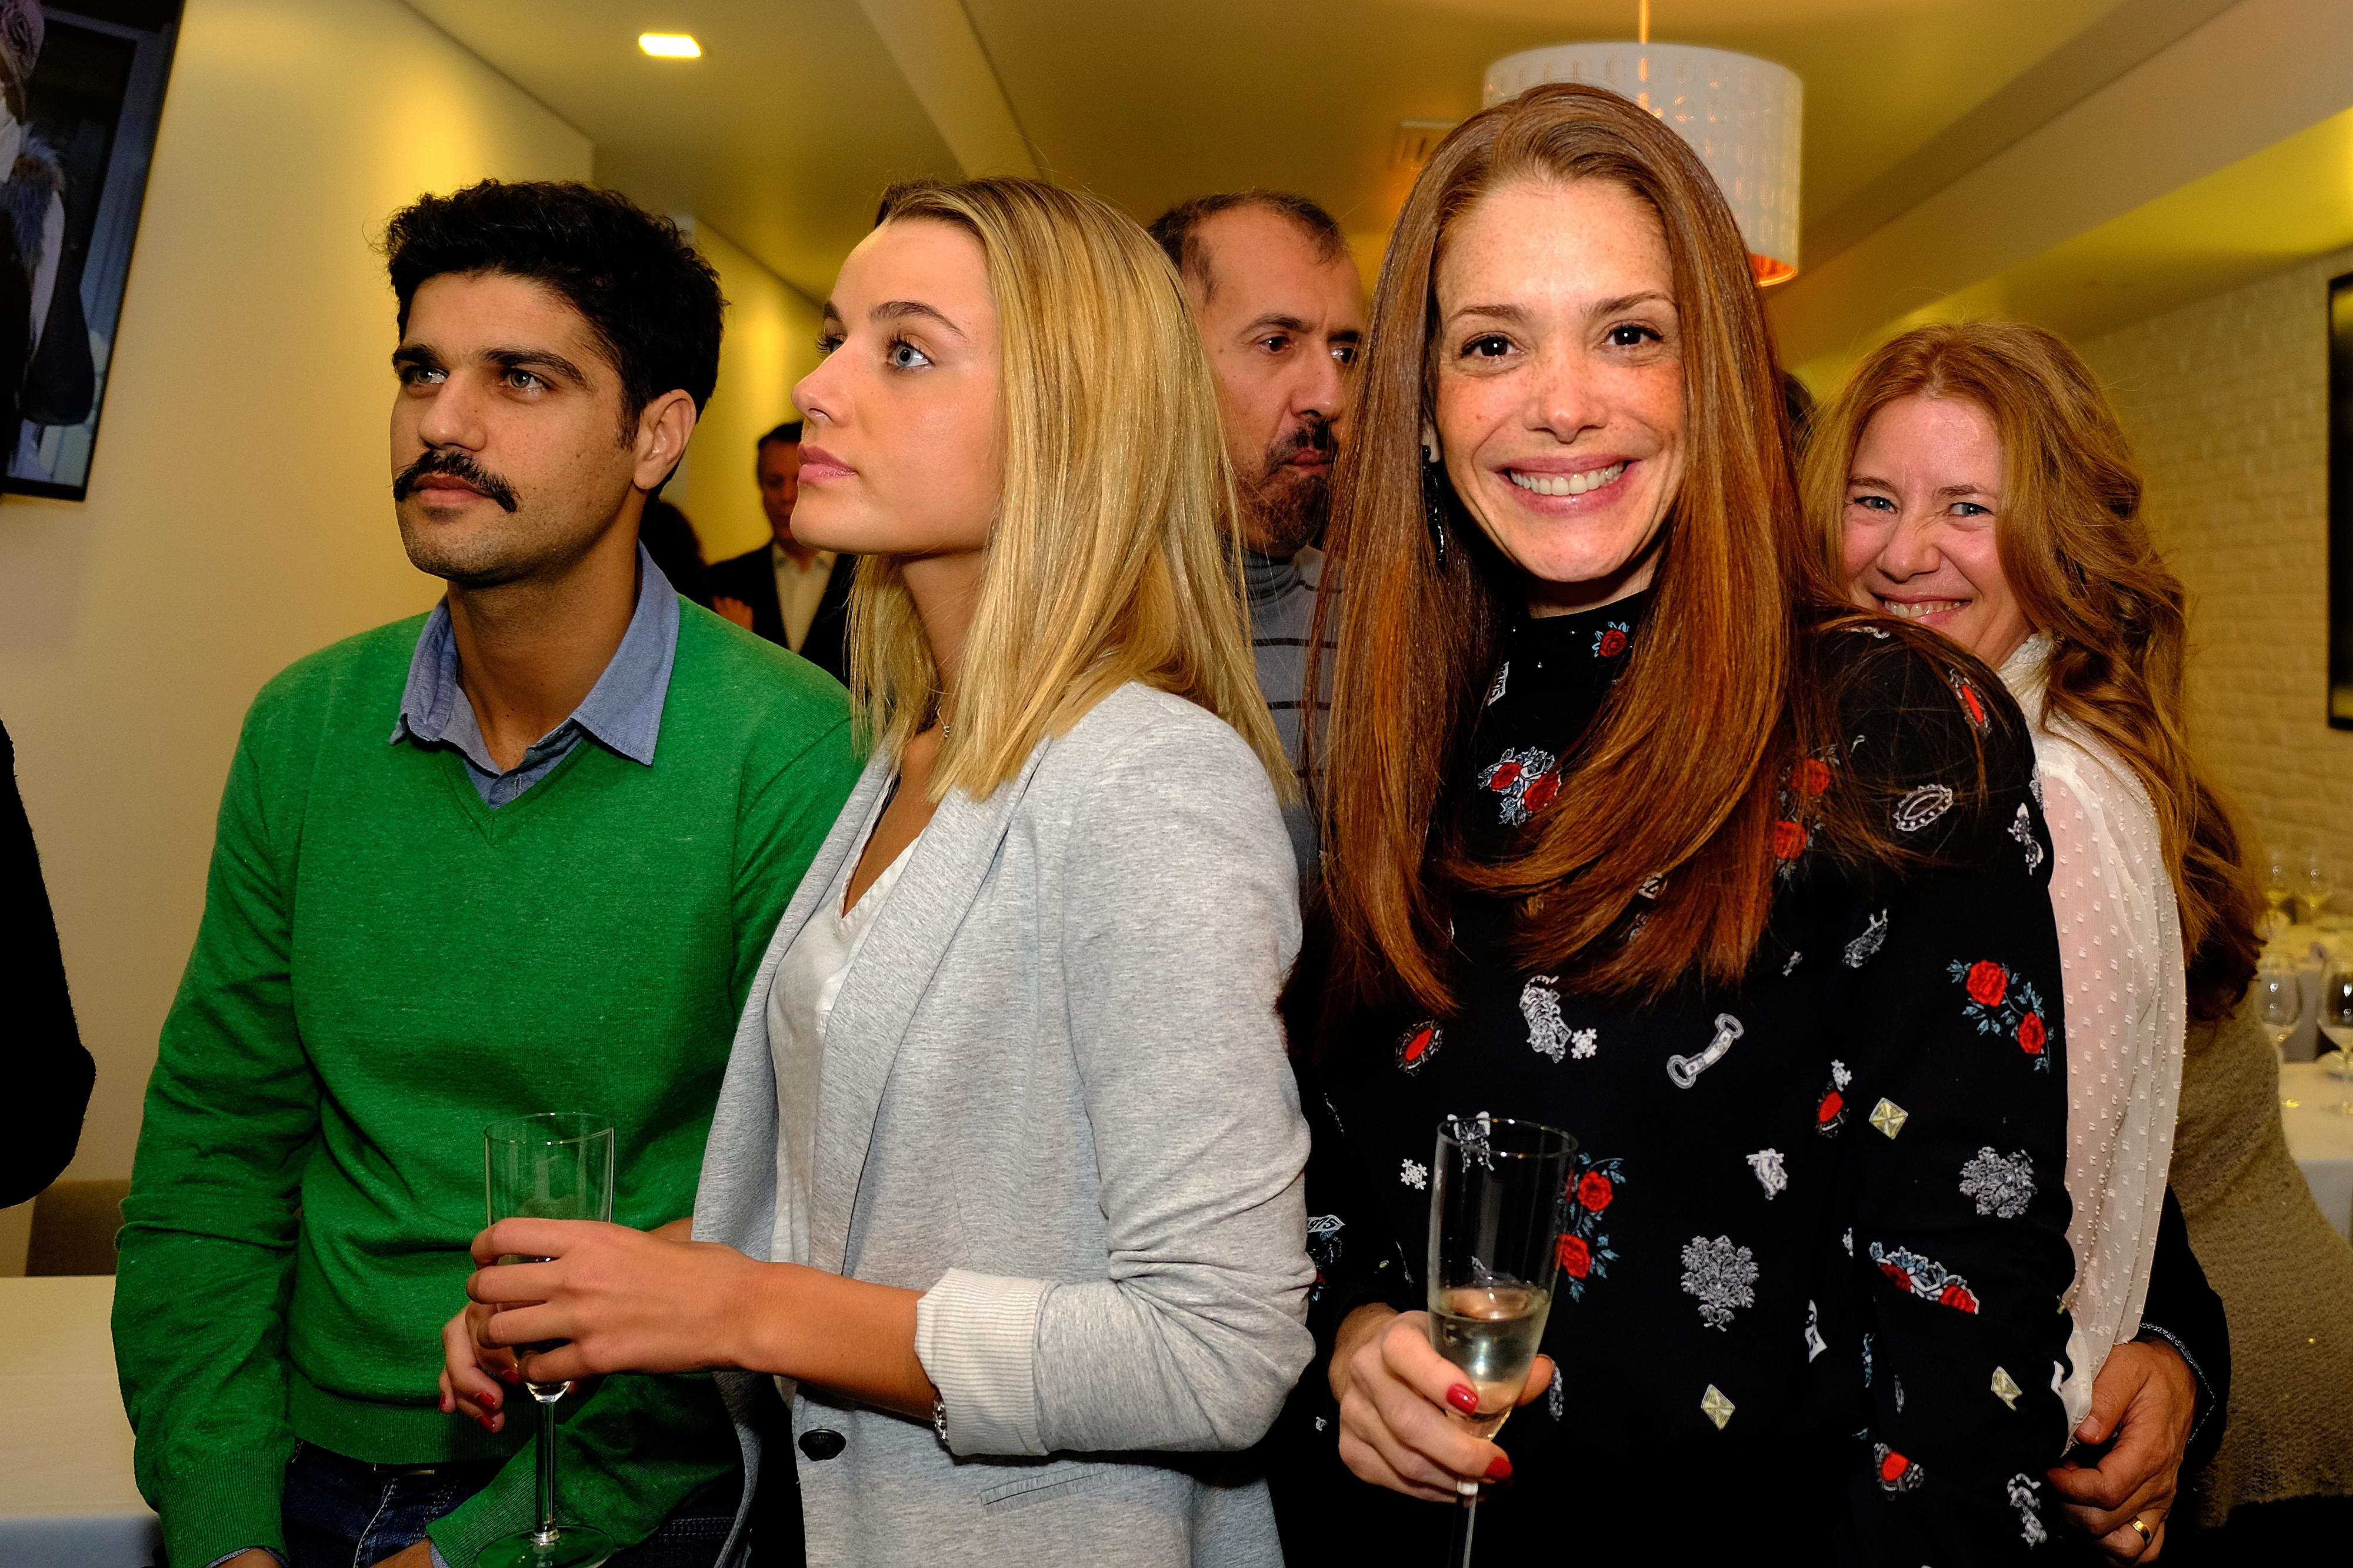 Escritor brasileiro Aguinaldo Silva reúne famosos em inauguração de restaurante em Lisboa